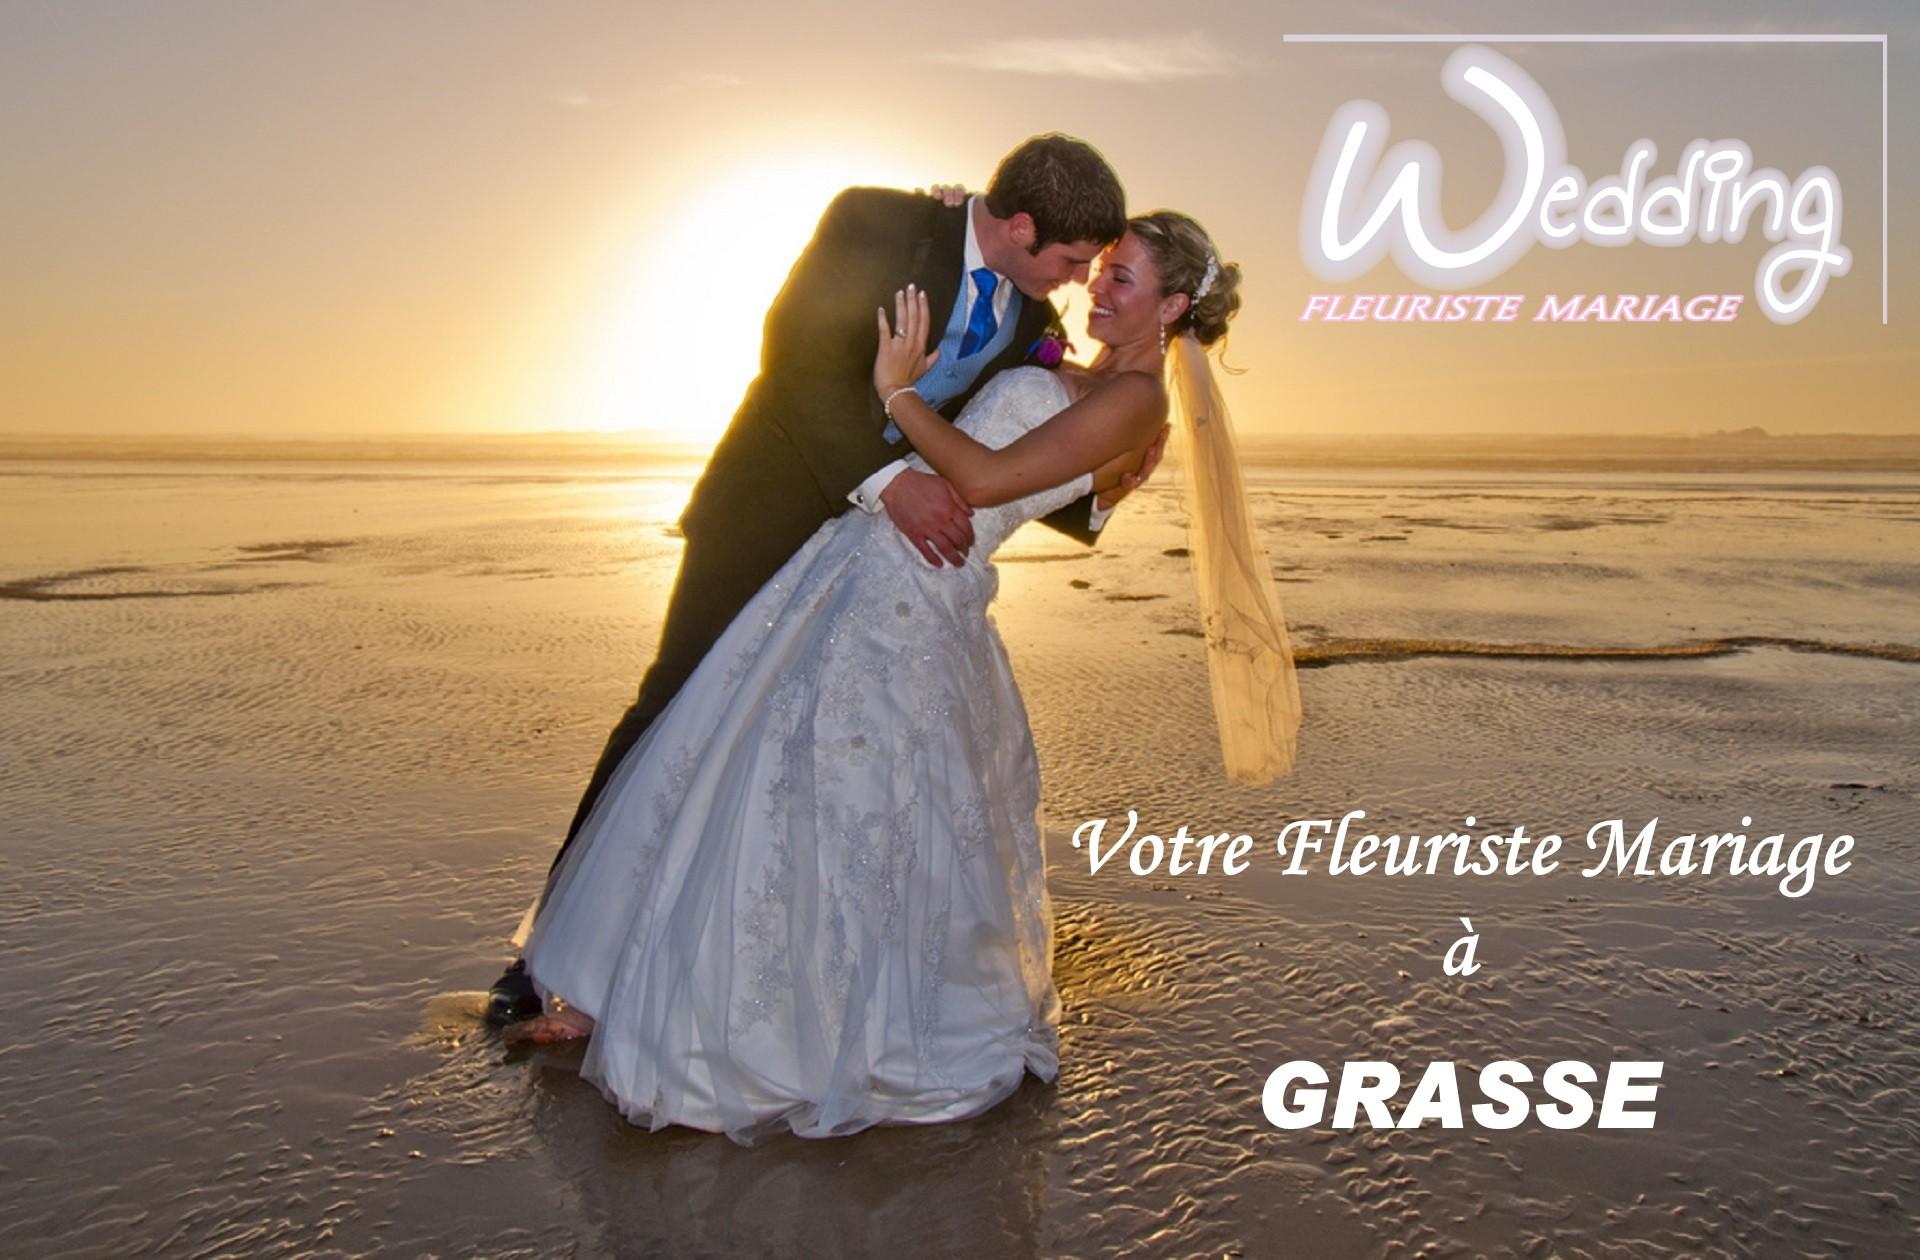 FLEURISTE MARIAGE GRASSE - WEDDING PLANNER GRASSE - TRAITEUR GRASSE